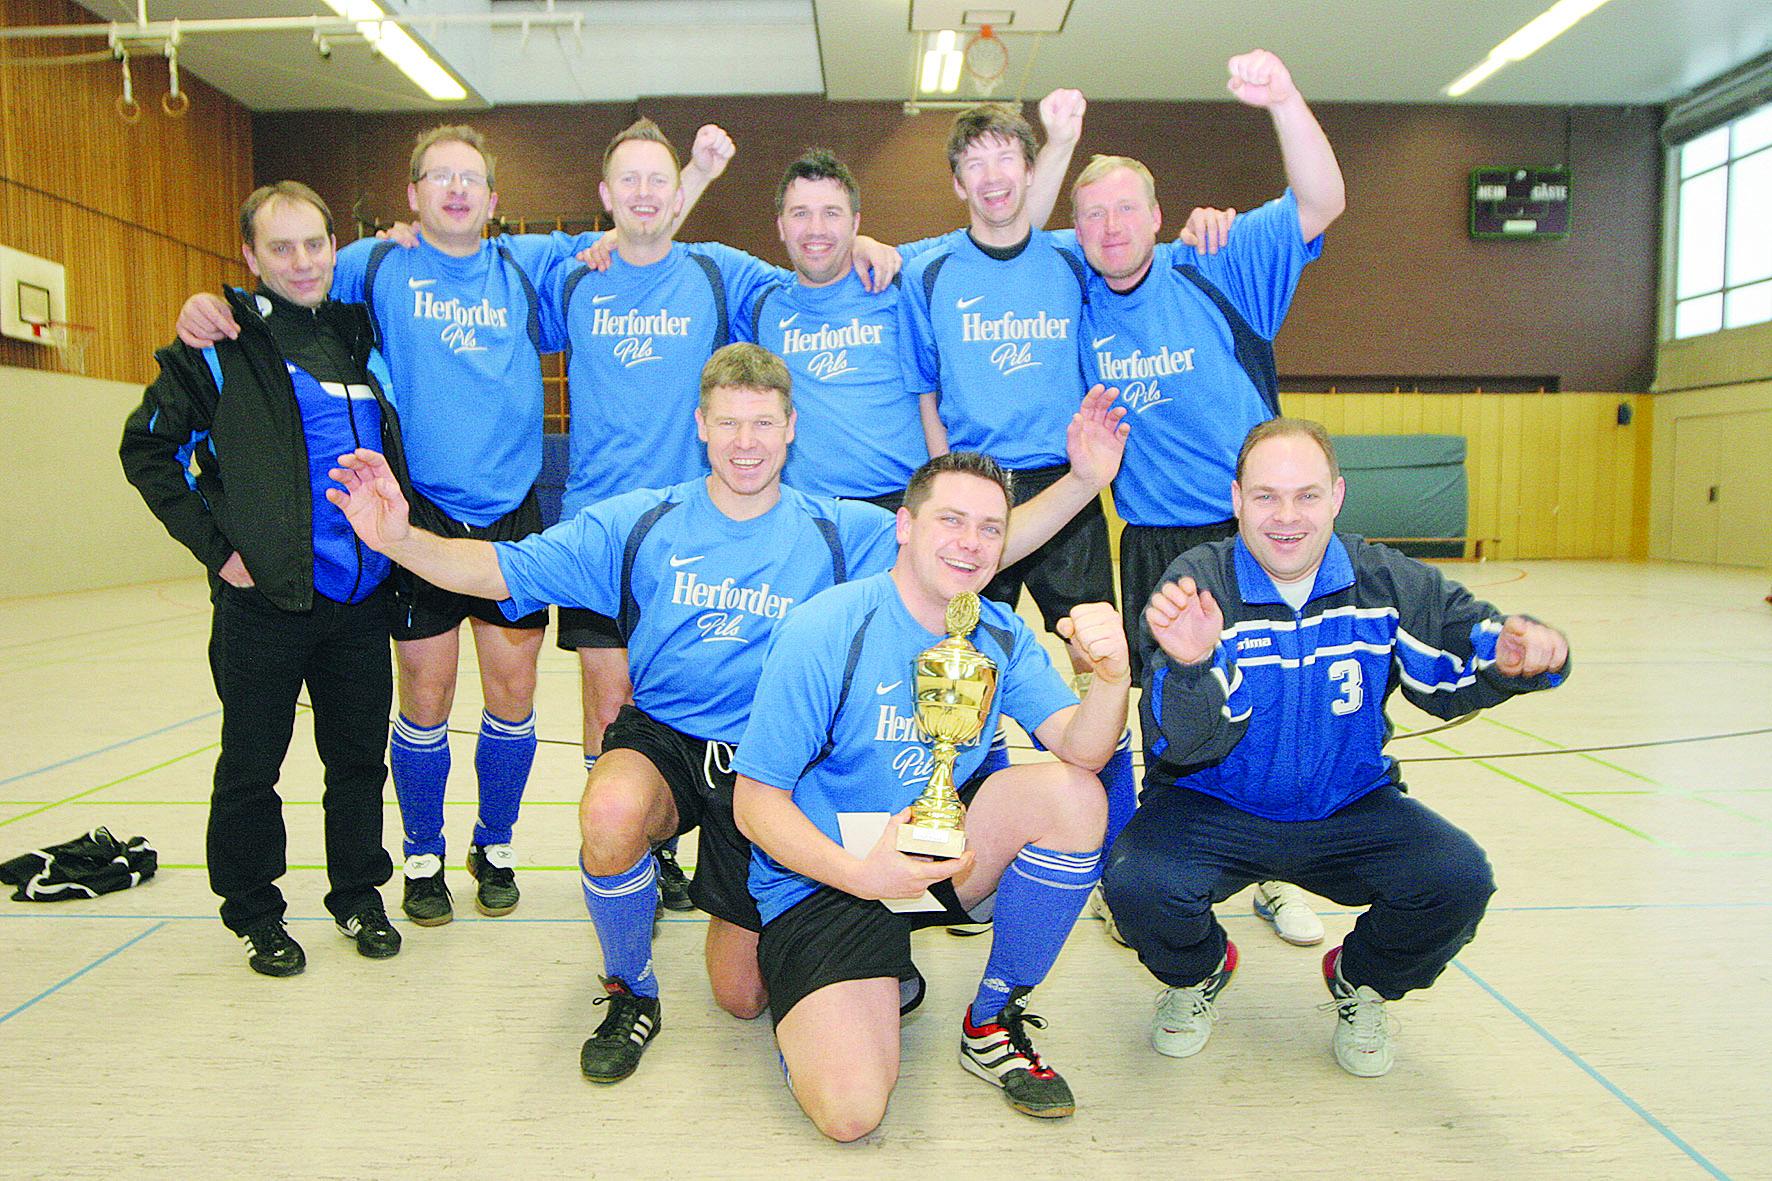 Das Siegerteam 2014